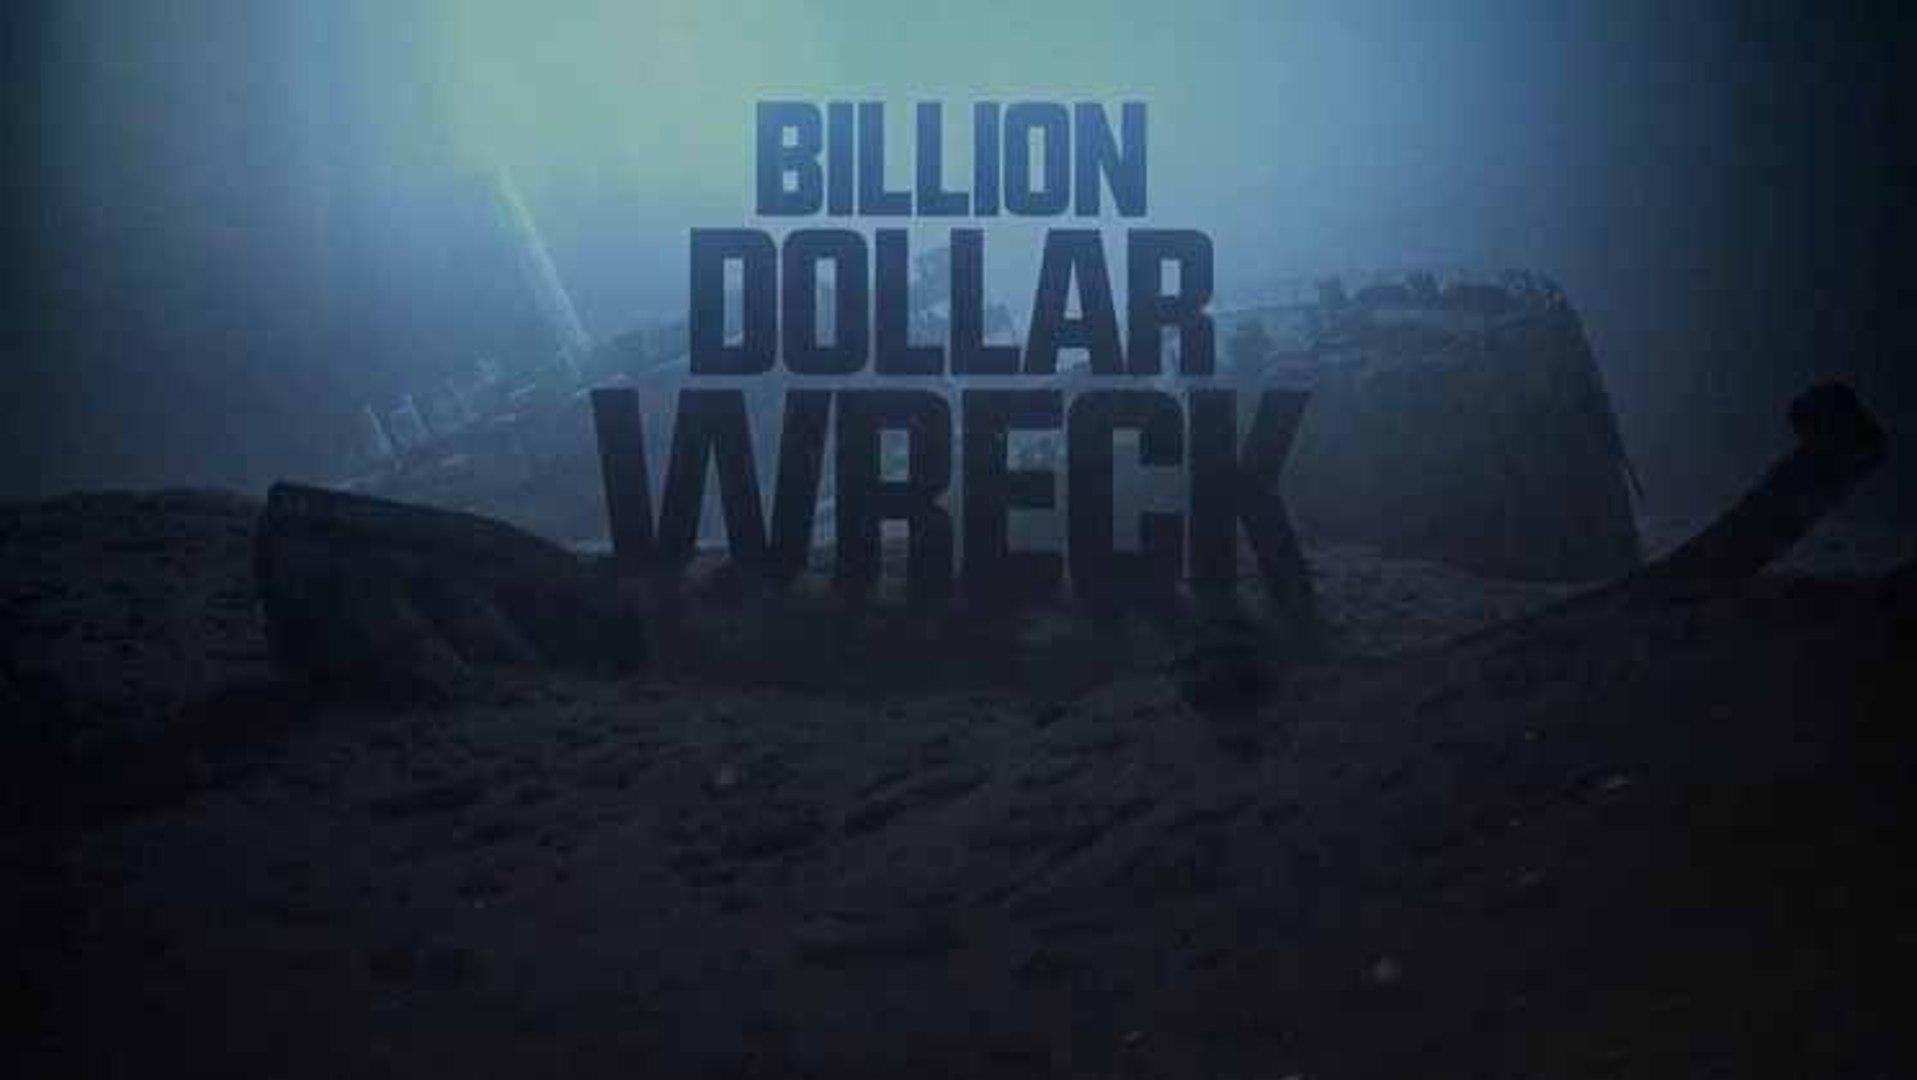 Крушение на миллиард 5 серия. Как все было / Billion dollar wreck (2016)